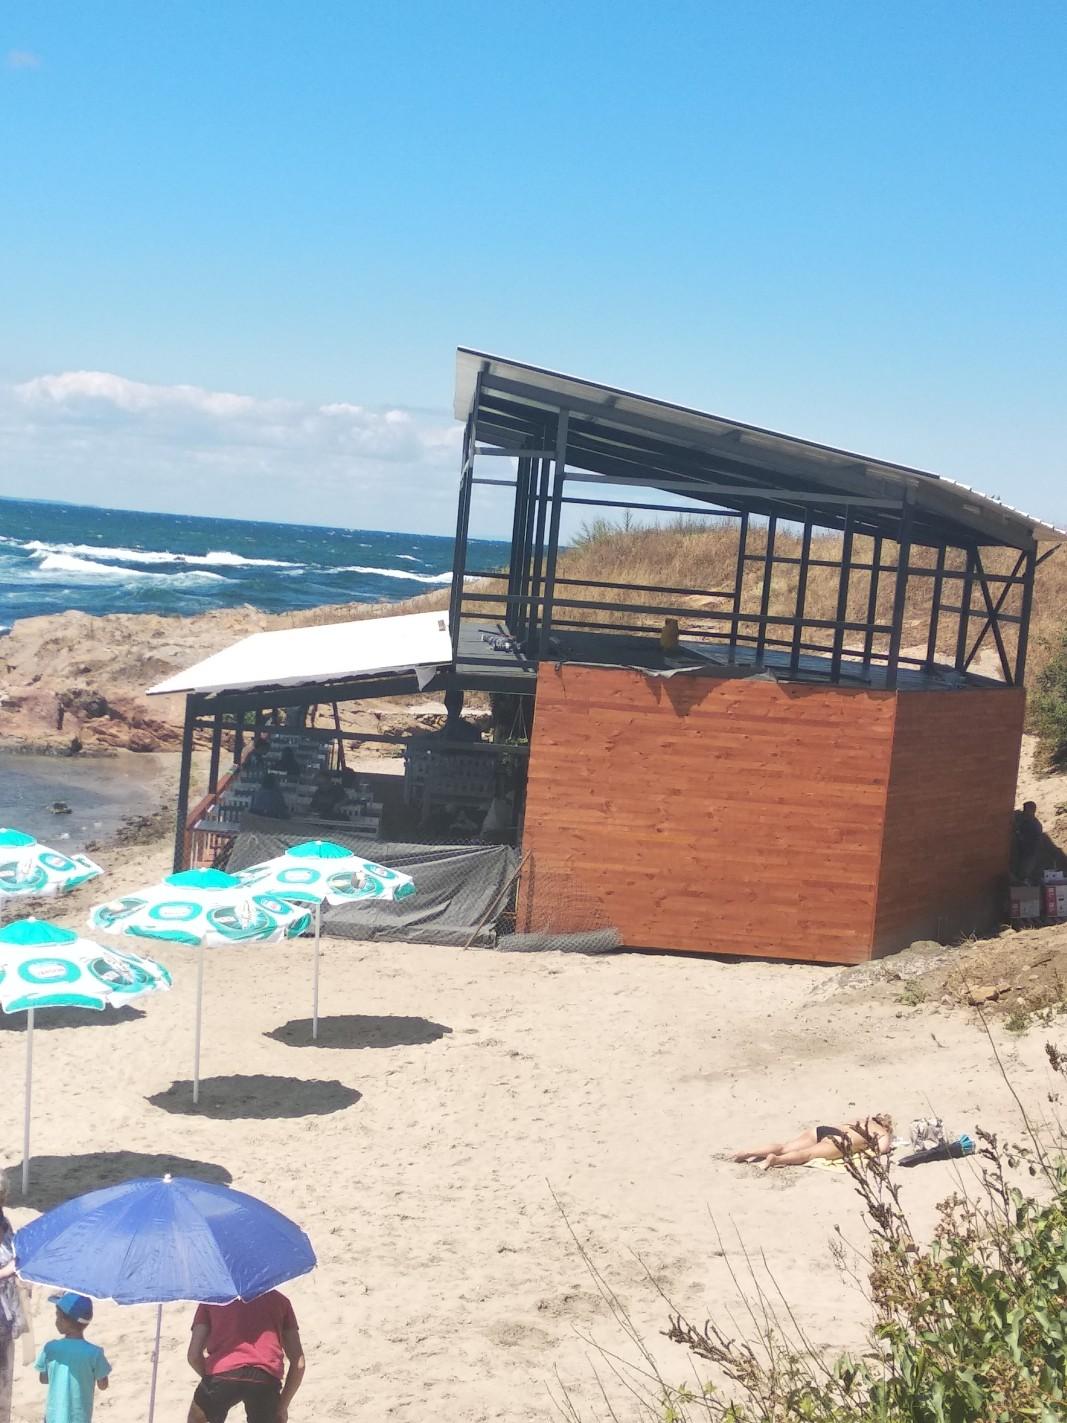 След премахването на временния обект плажът ще остане такъв, какъвто е заварен, твърди управителят